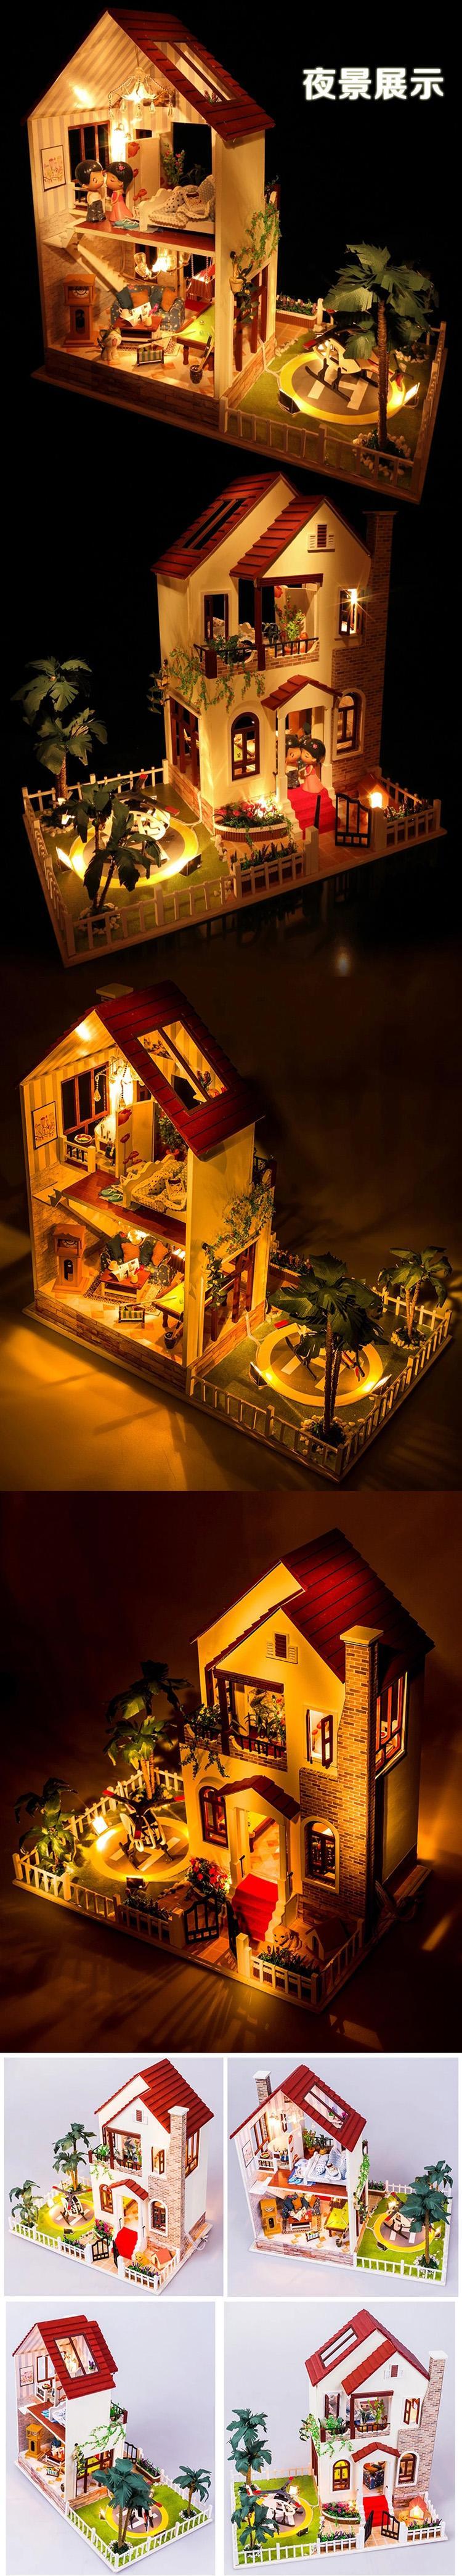 diy小屋手工制作别墅房子男生创意礼物房屋拼装模型儿童玩具女生 冲上